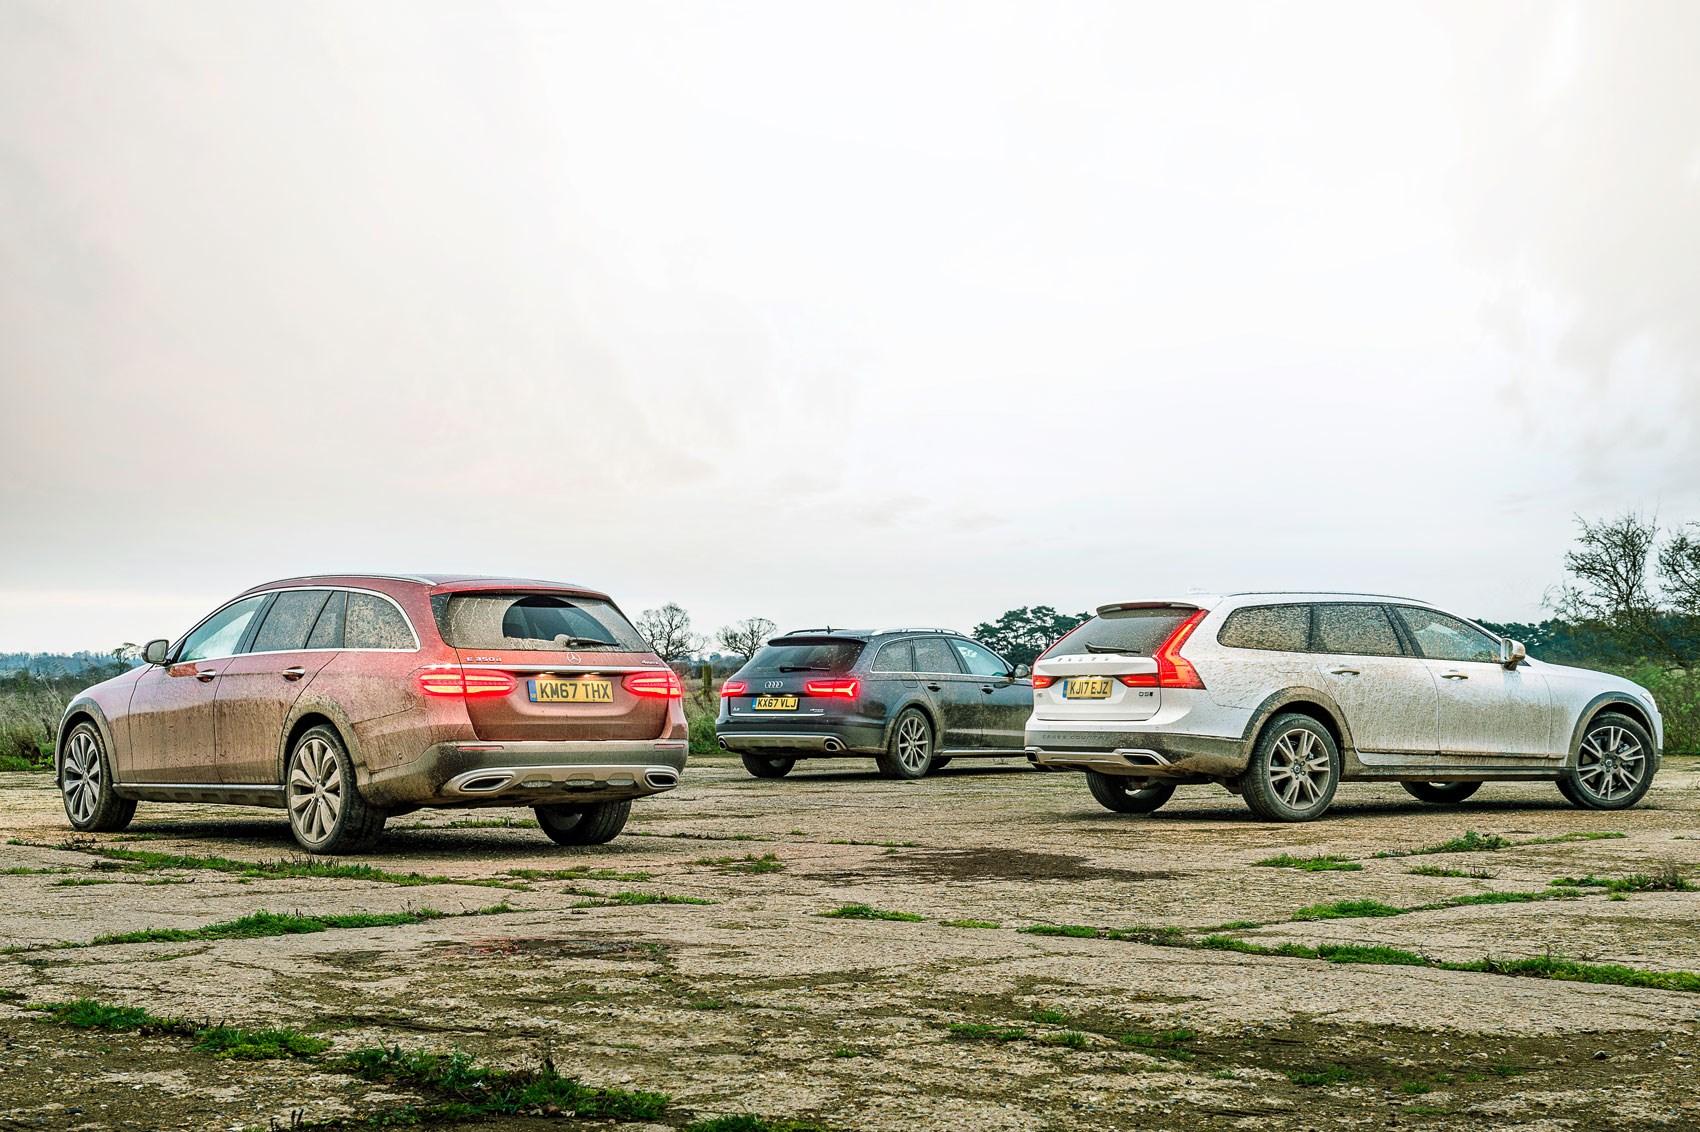 E350d All Terrain Vs A6 Allroad Vs V90 Cross Country Group Test